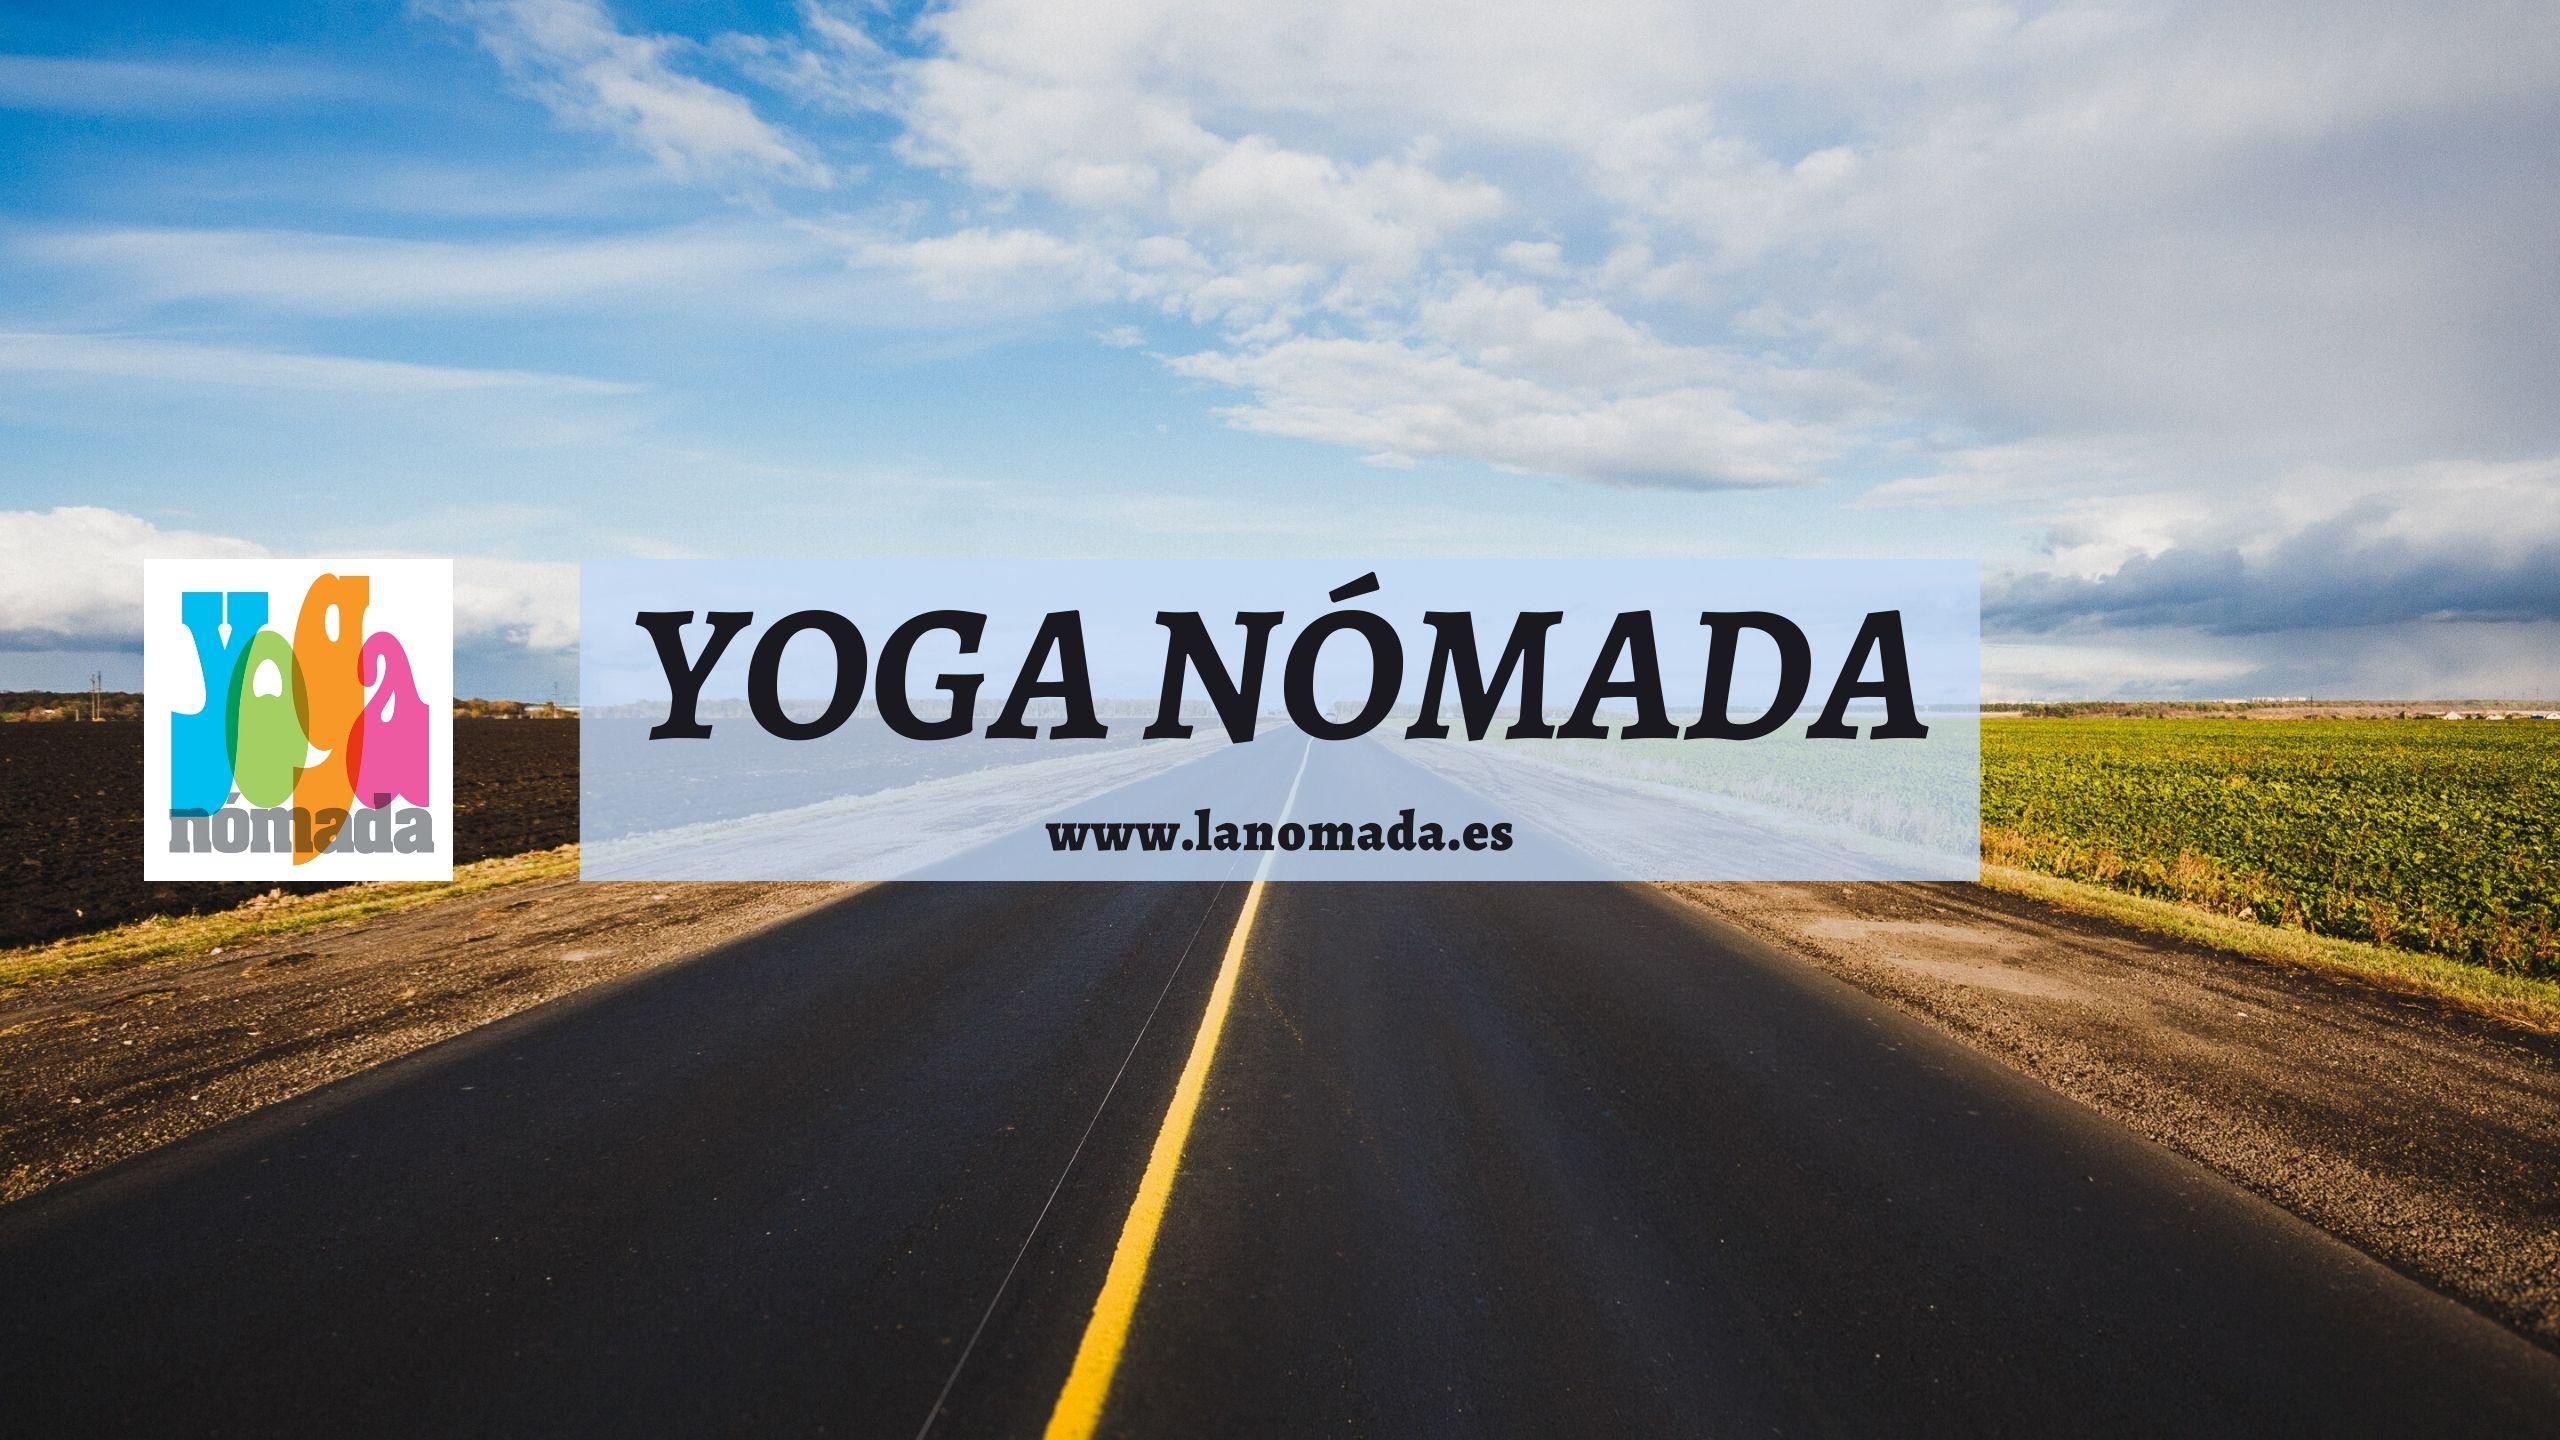 Canal de Yoga Nómada en Youtube